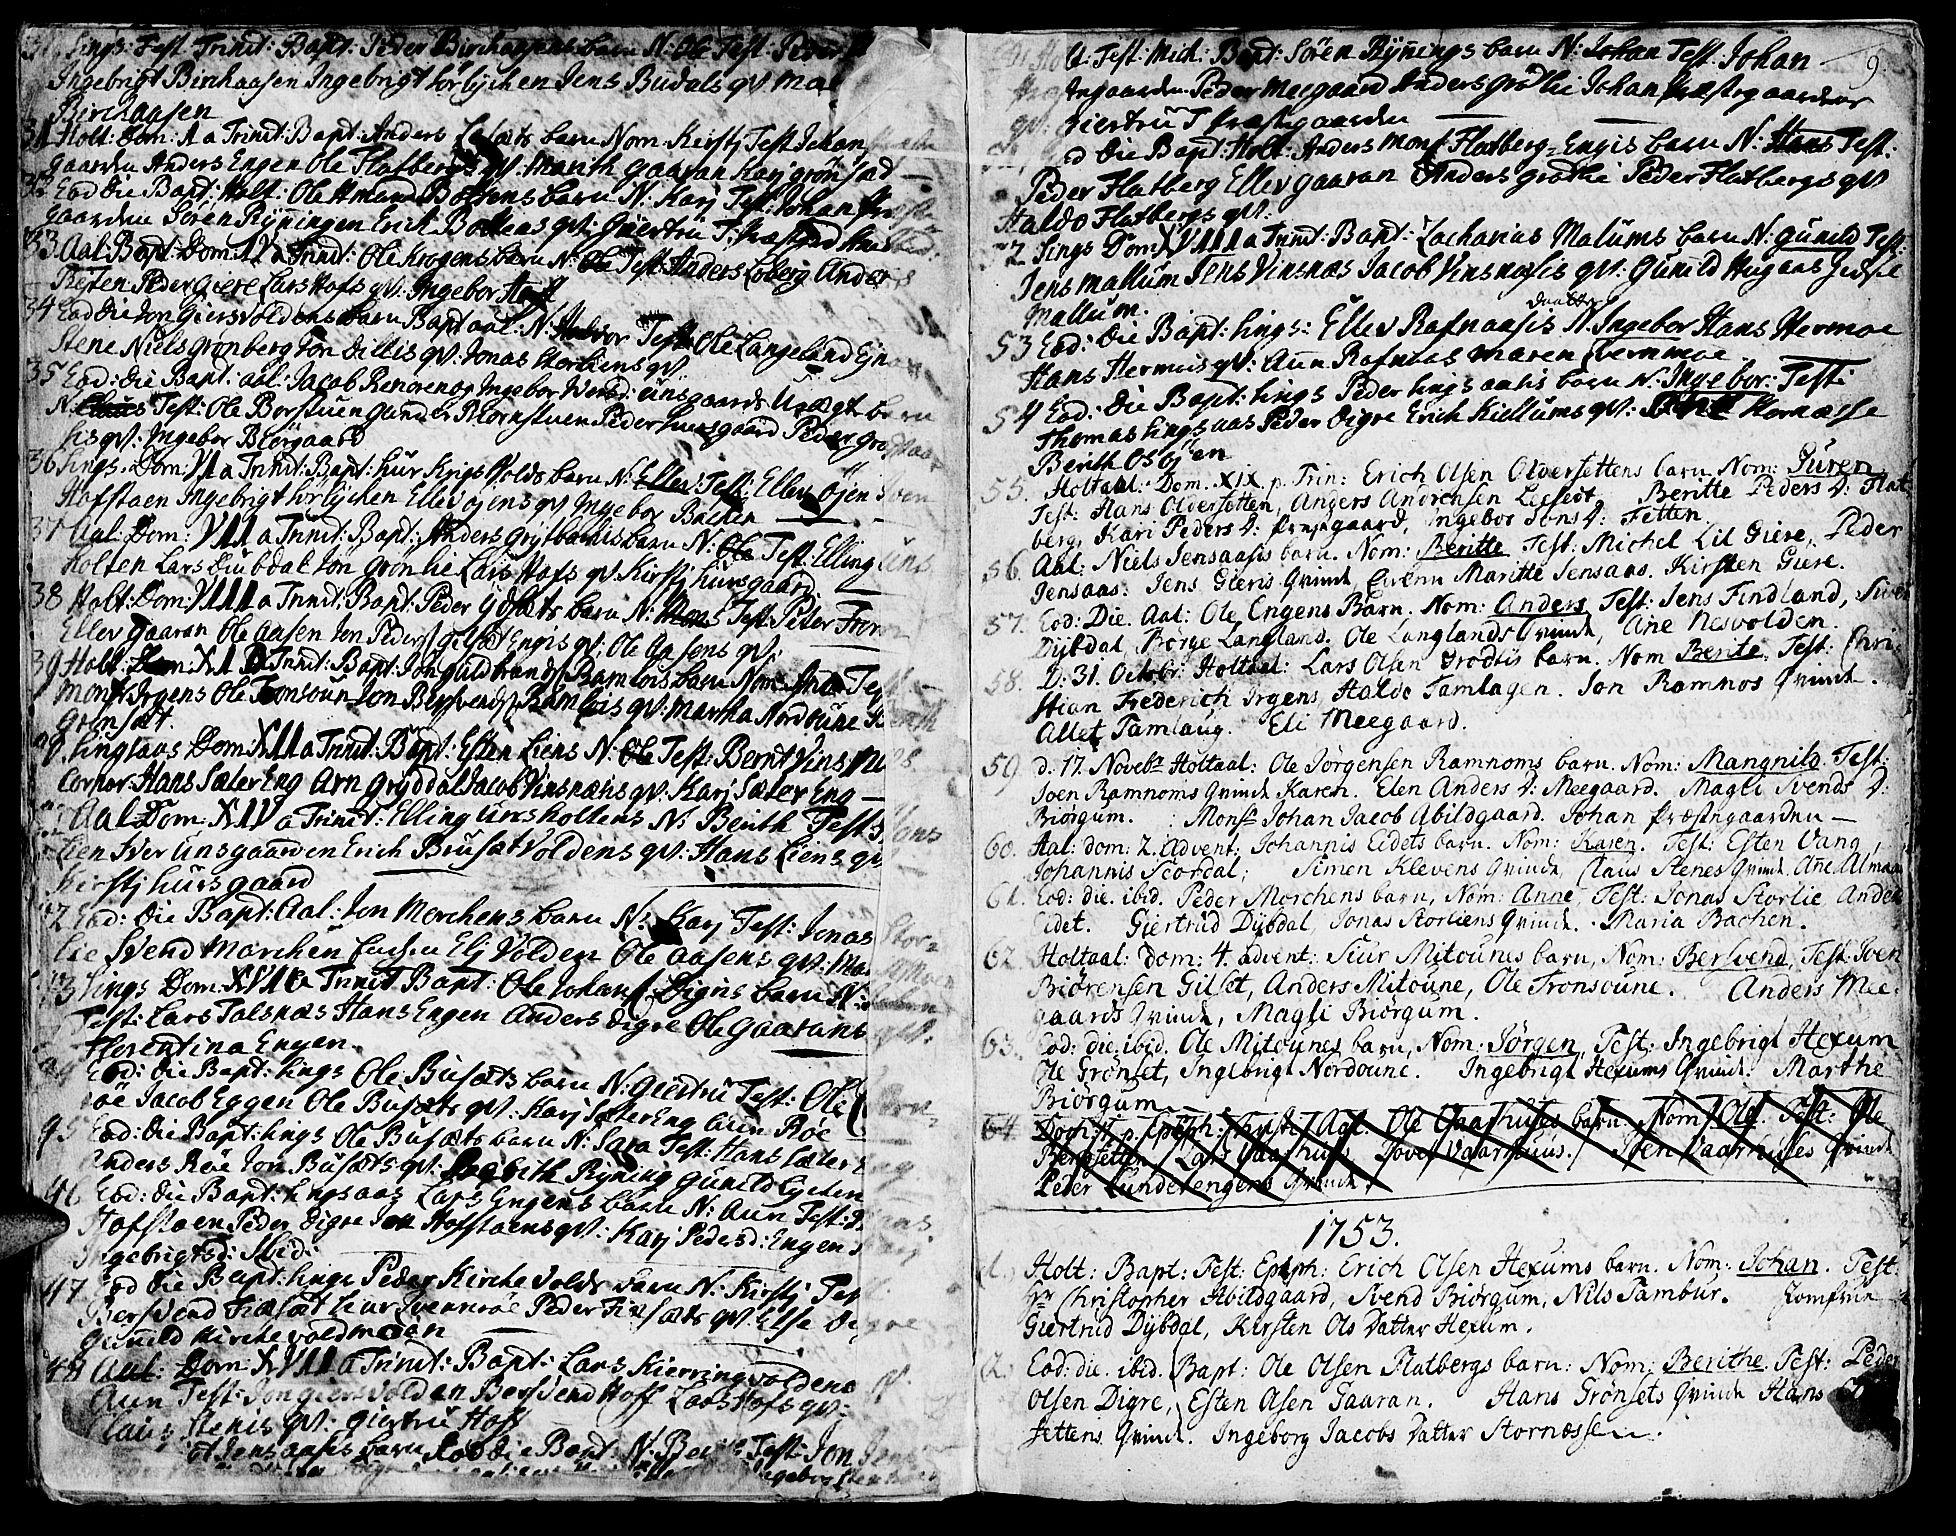 SAT, Ministerialprotokoller, klokkerbøker og fødselsregistre - Sør-Trøndelag, 685/L0952: Ministerialbok nr. 685A01, 1745-1804, s. 9